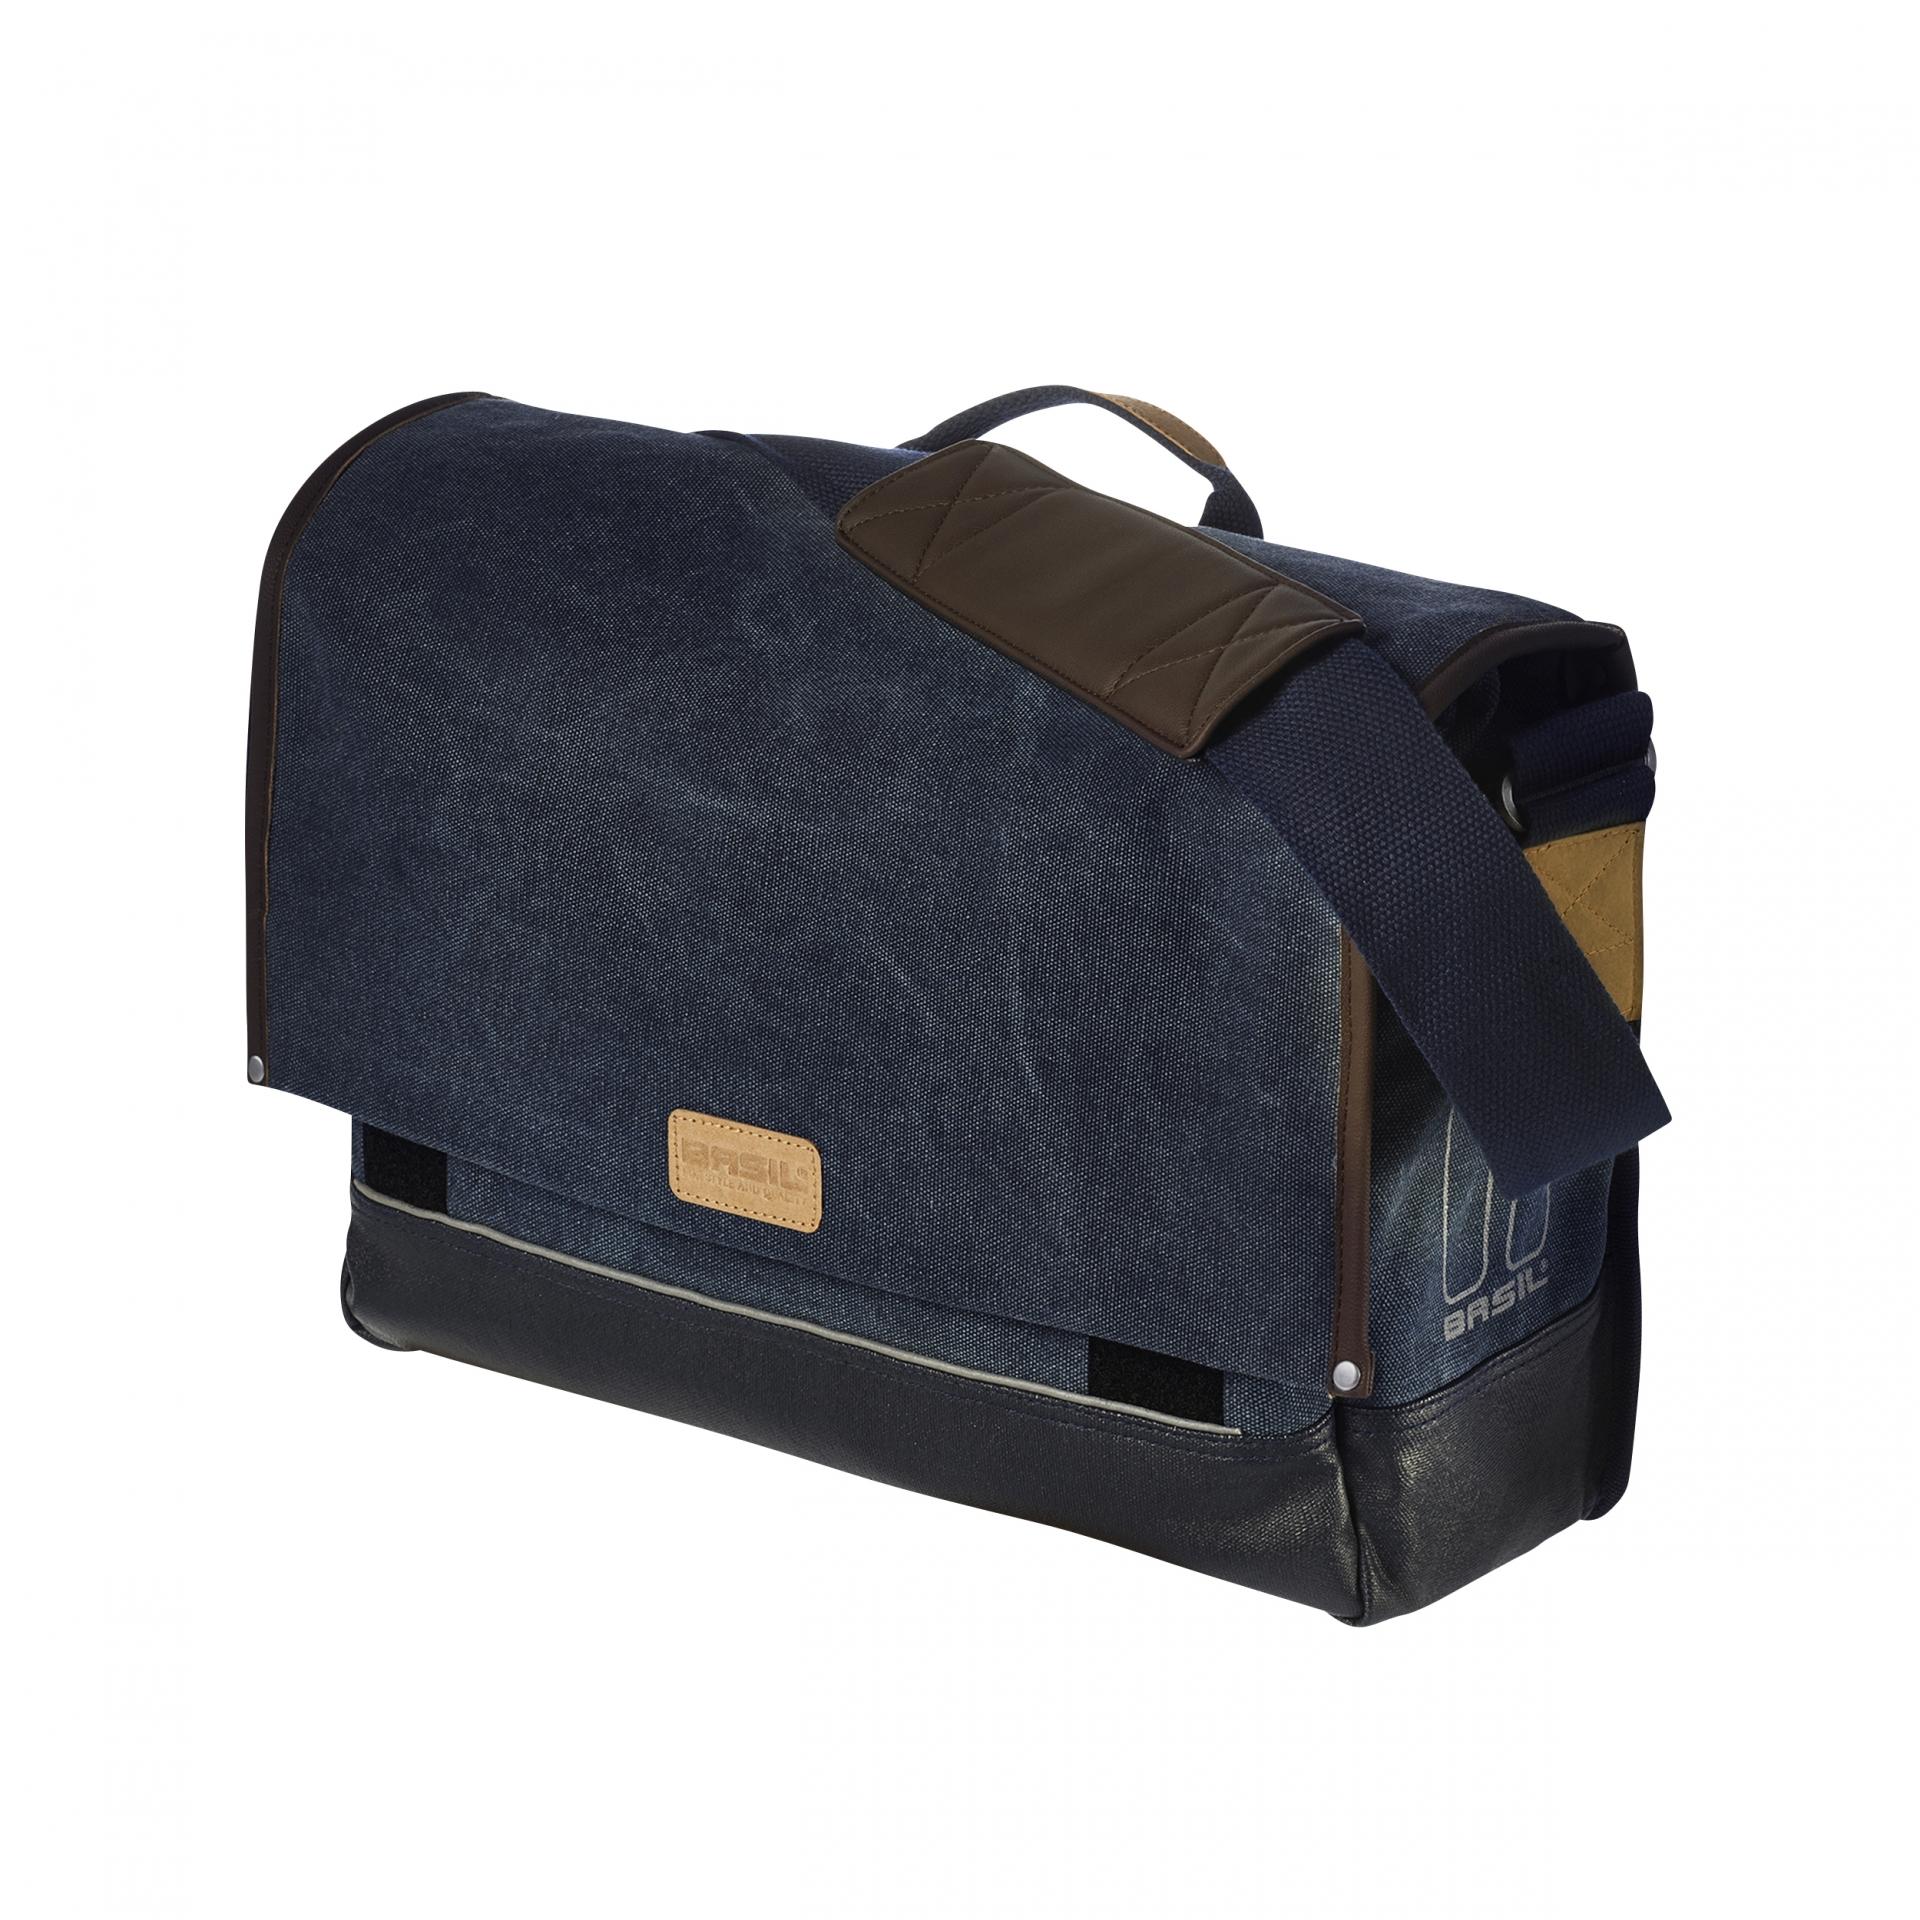 Sacoche arrière latérale BASIL Urban Fold Messenger Spécial VAE Avec protège-pluie 16-20 L Bleu Jean